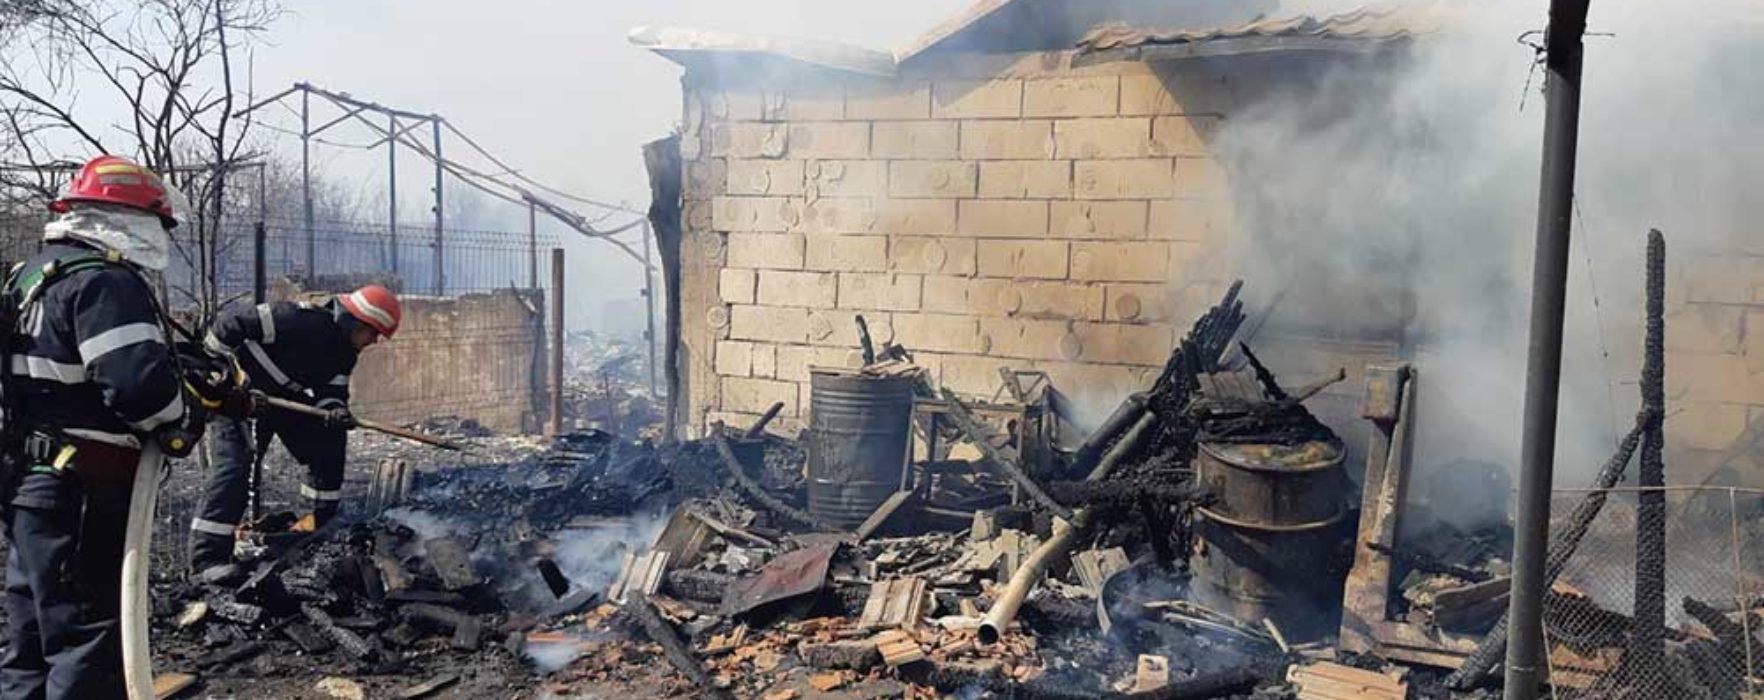 Dâmboviţa: Incendiu extins la două case în Răcari, după ce o femeie a dat foc în curte unor resturi de vegetaţie